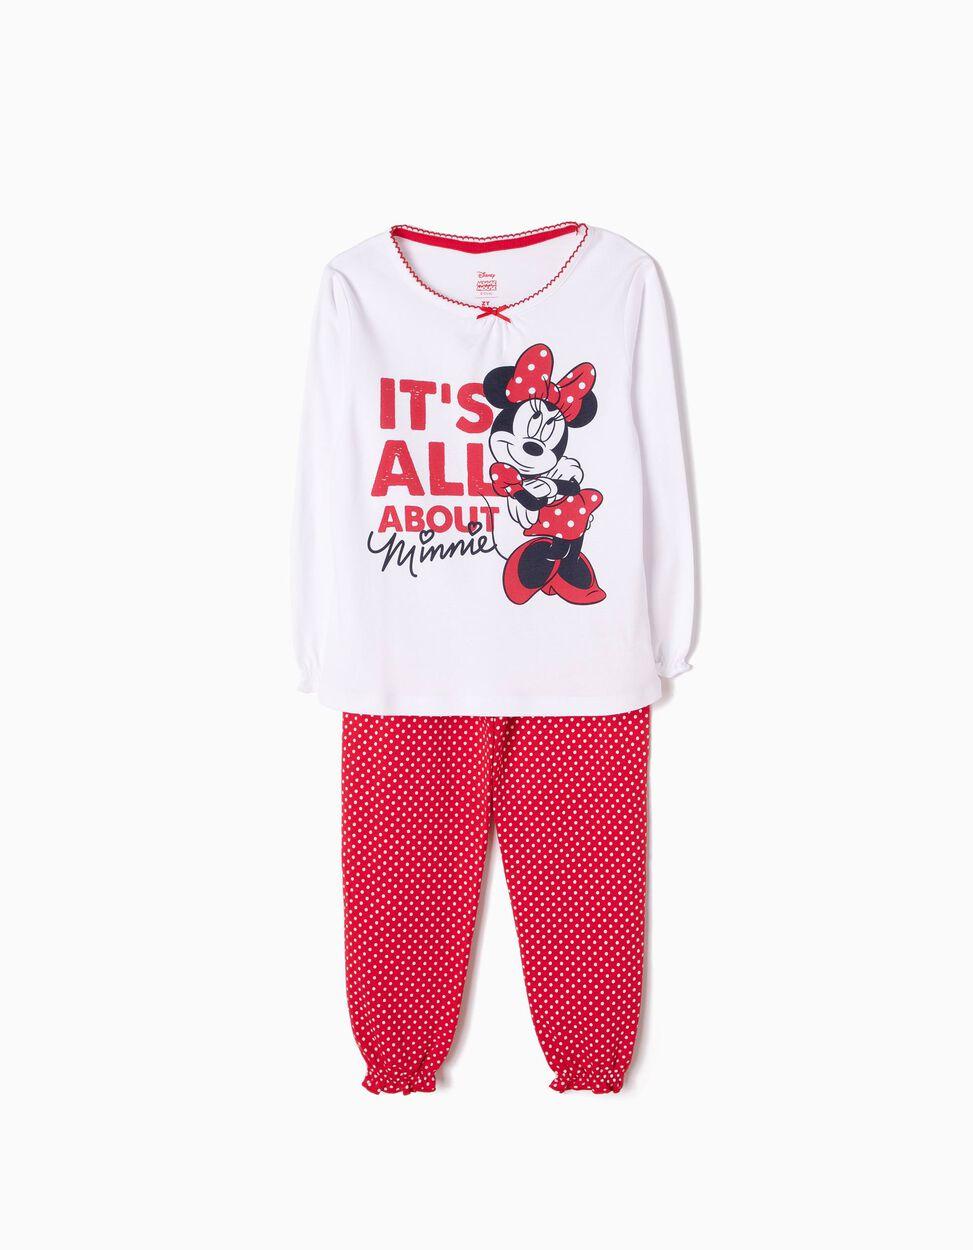 Pijama Manga Comprida e Calças All About Minnie